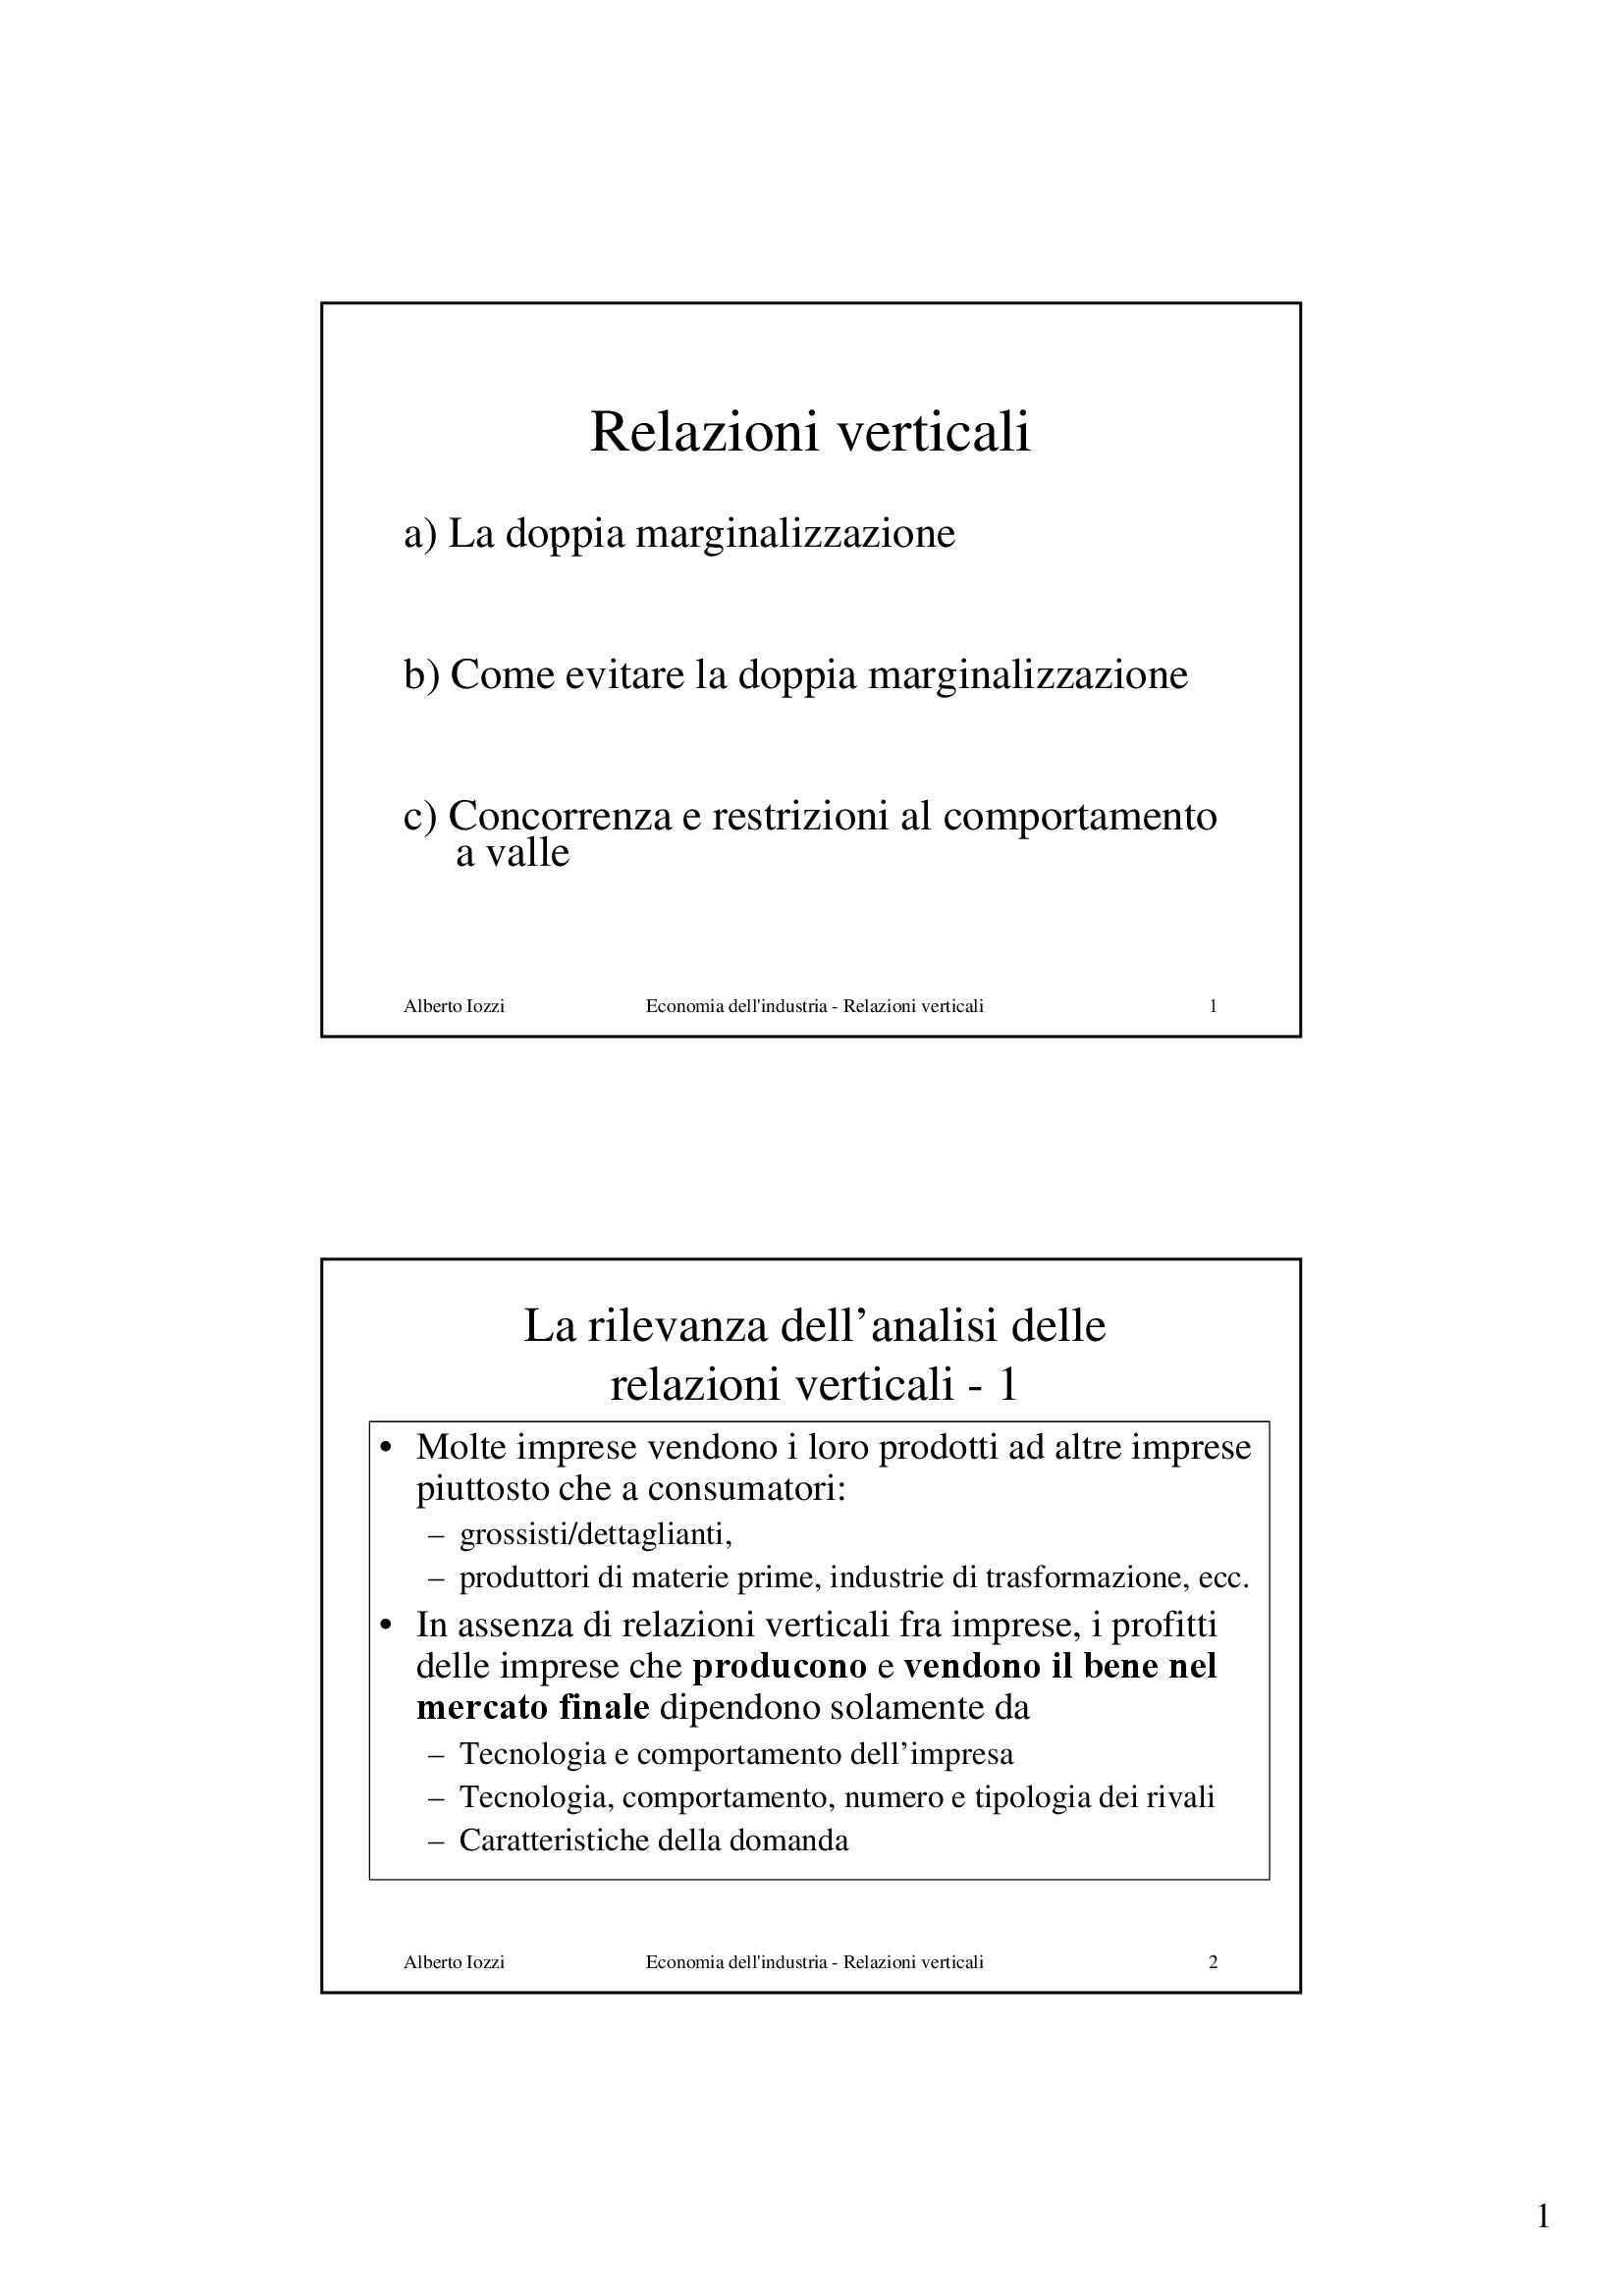 Relazioni verticali